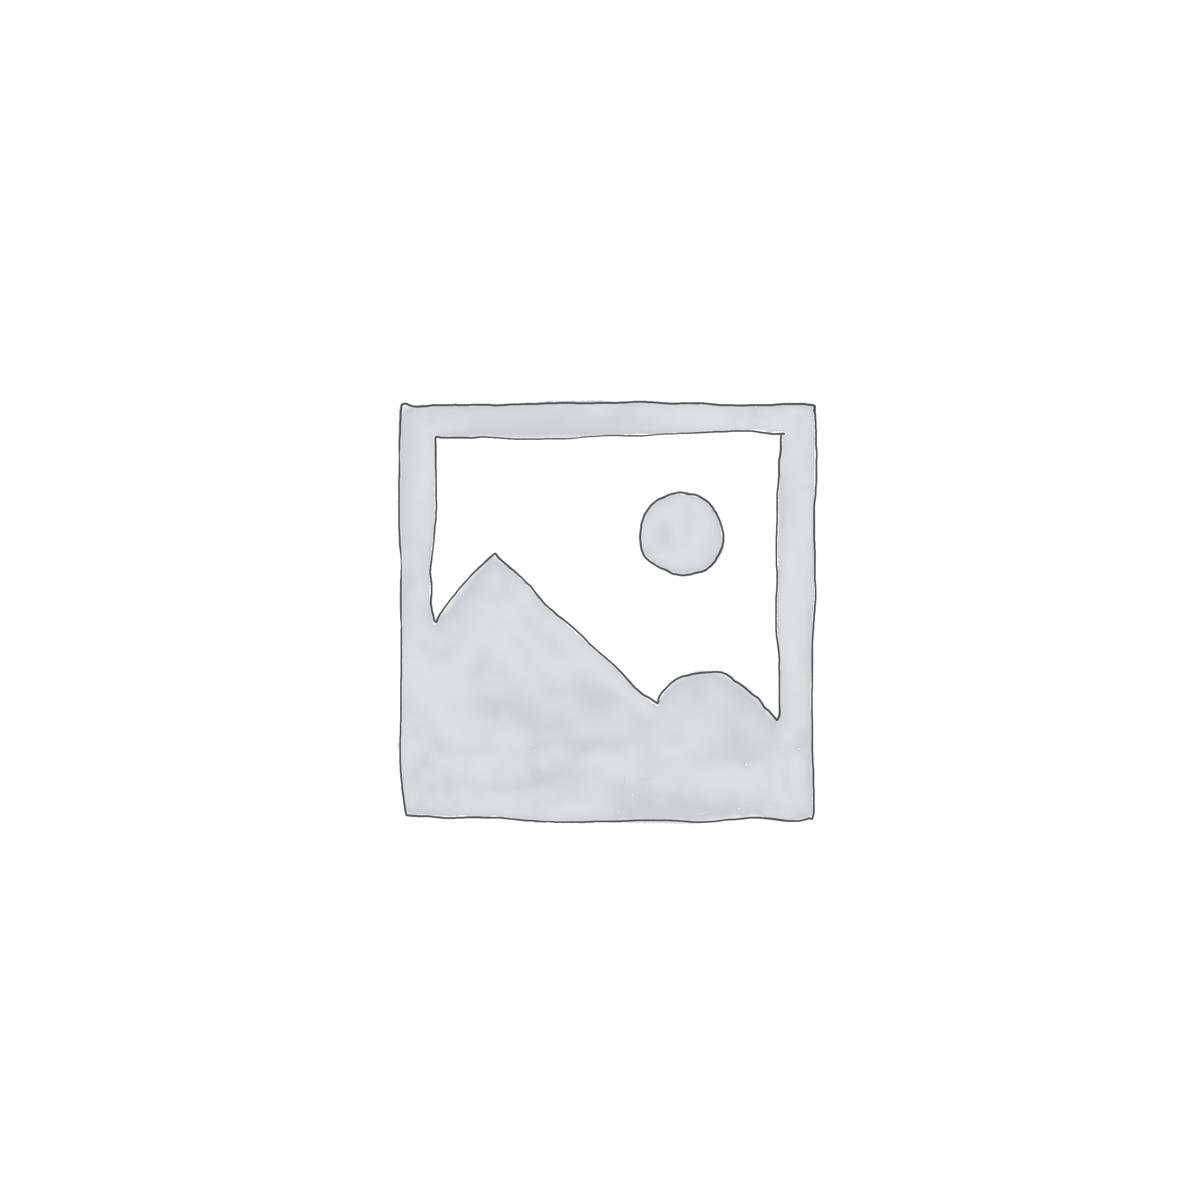 Old White Brick Wallpaper Mural